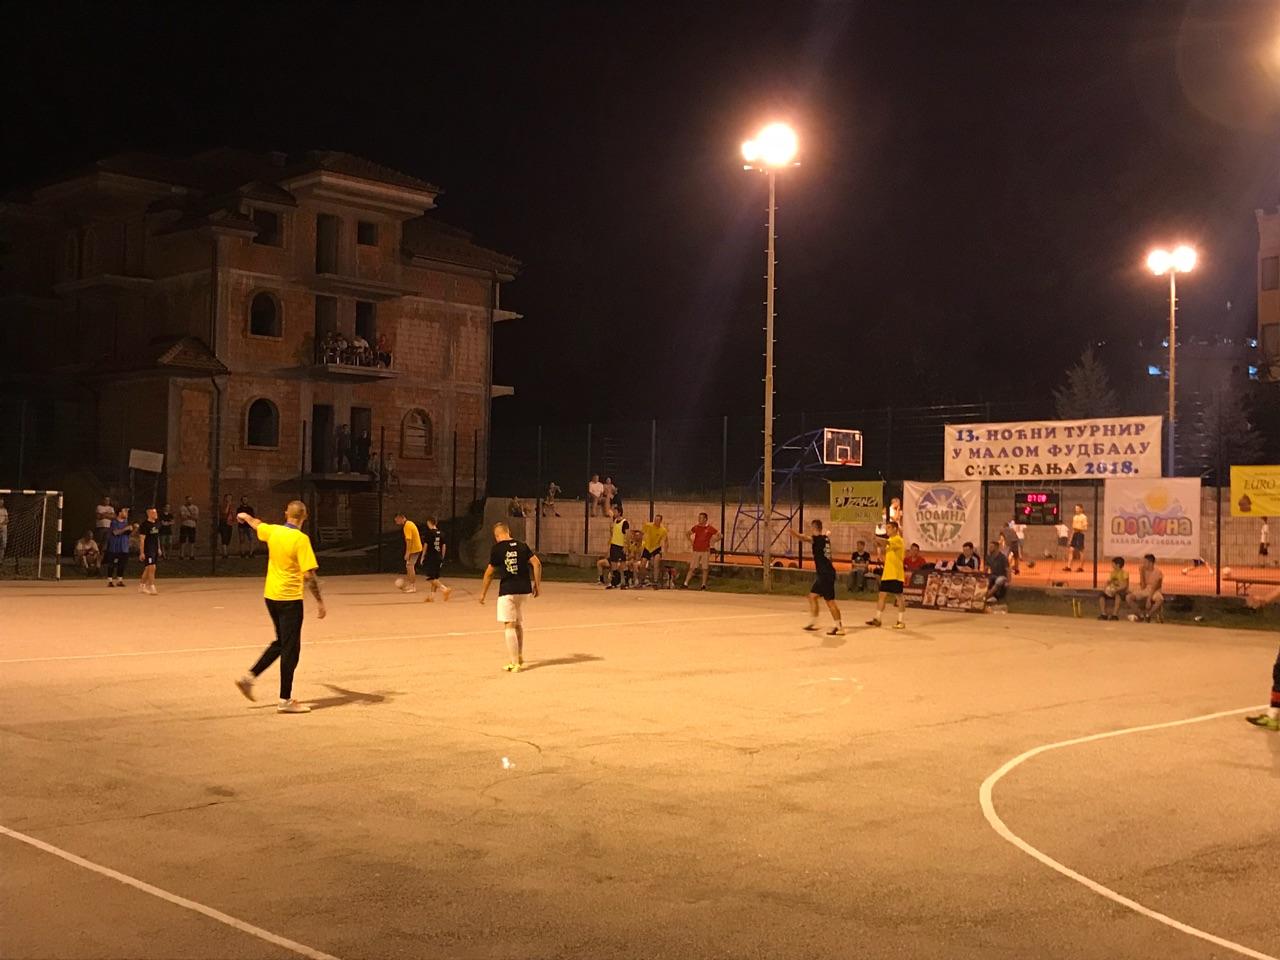 Noćni turnir u malom fudbalu